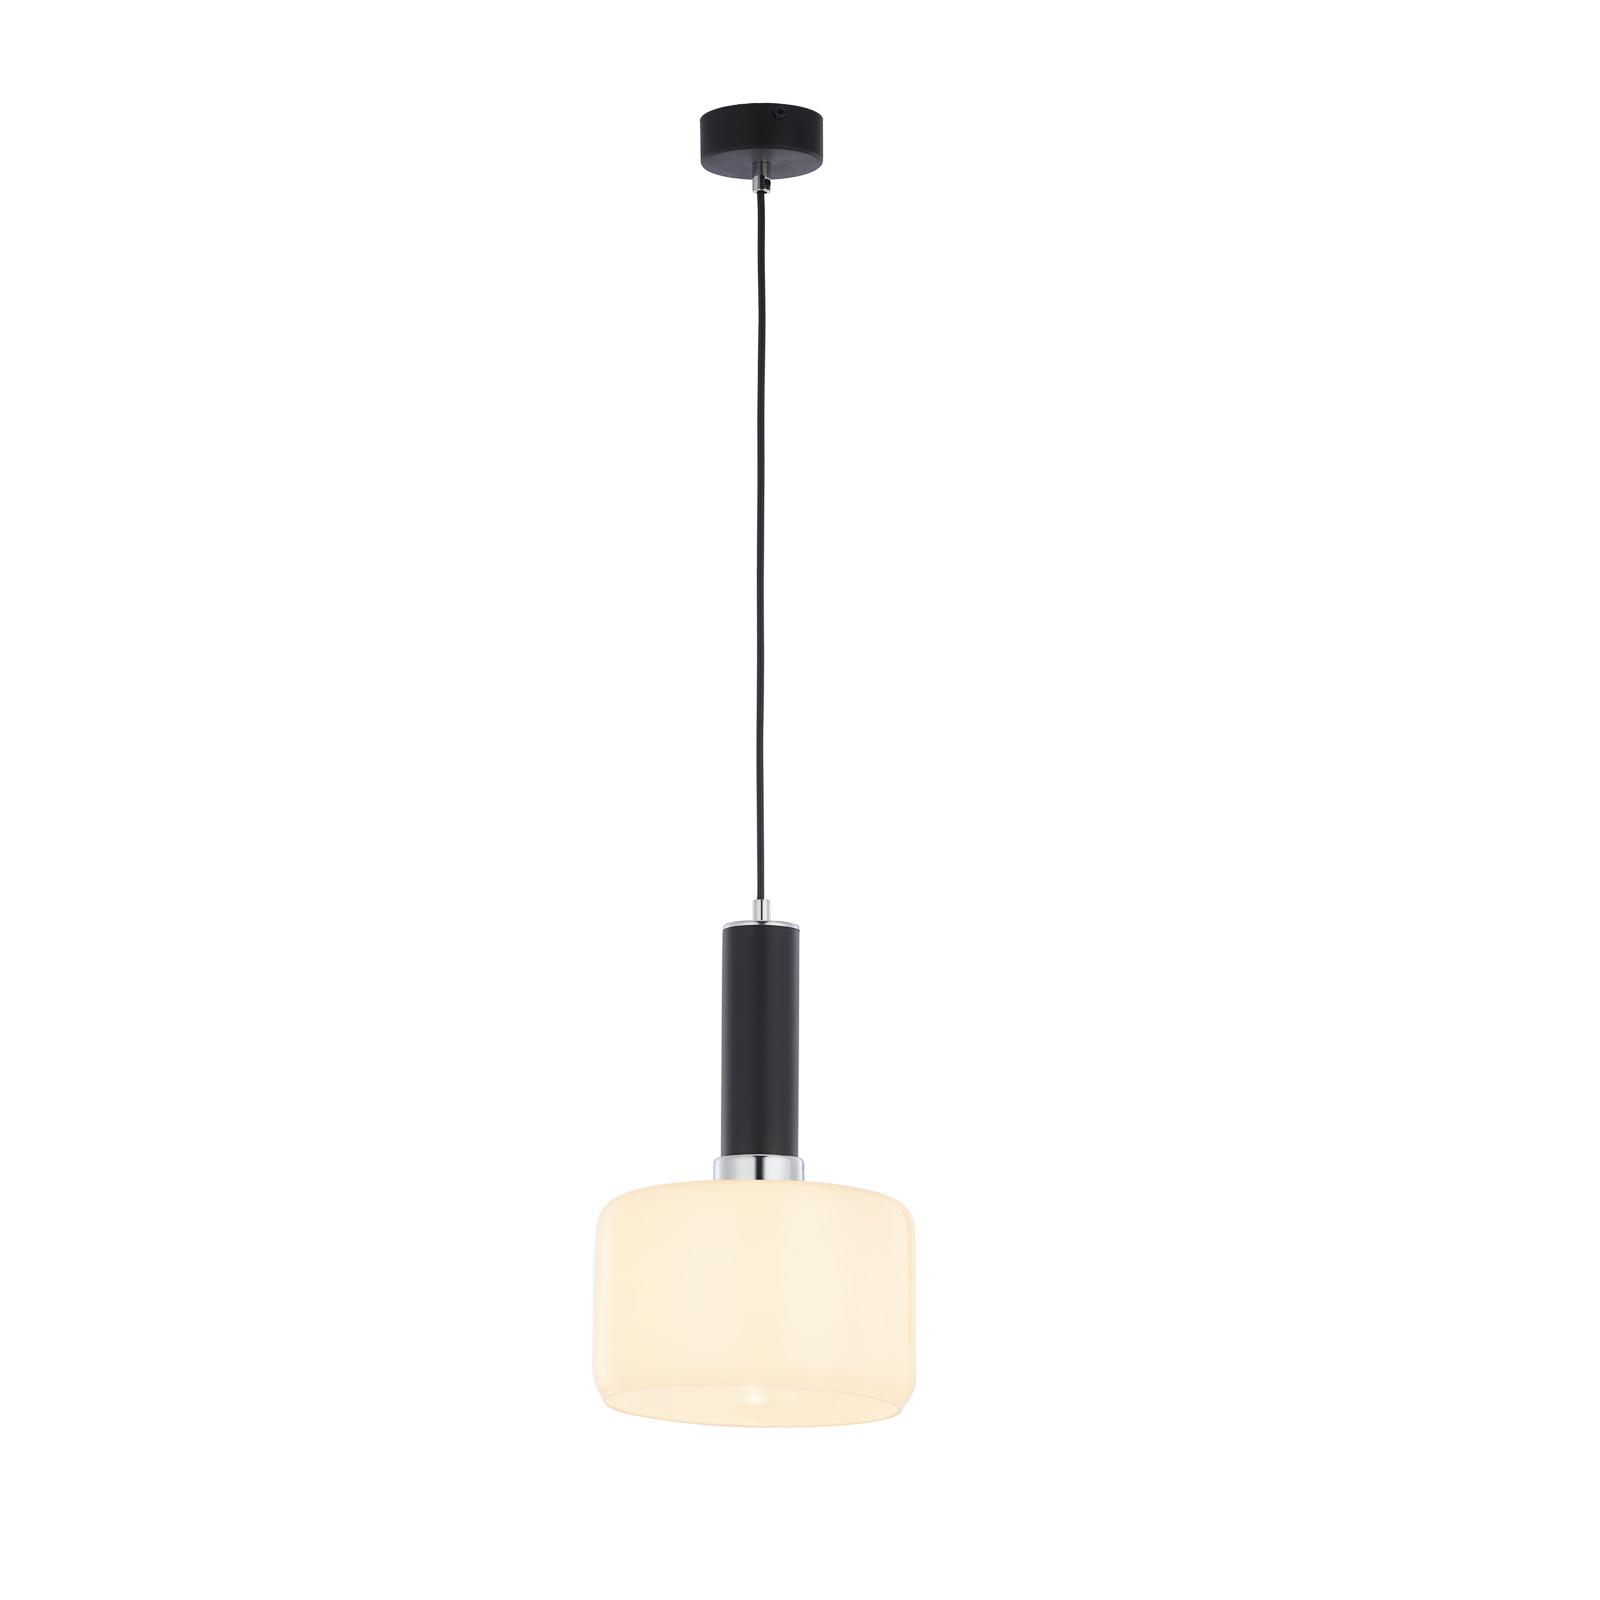 Suspension Viva, opale/noire/chromée, à 1 lampe